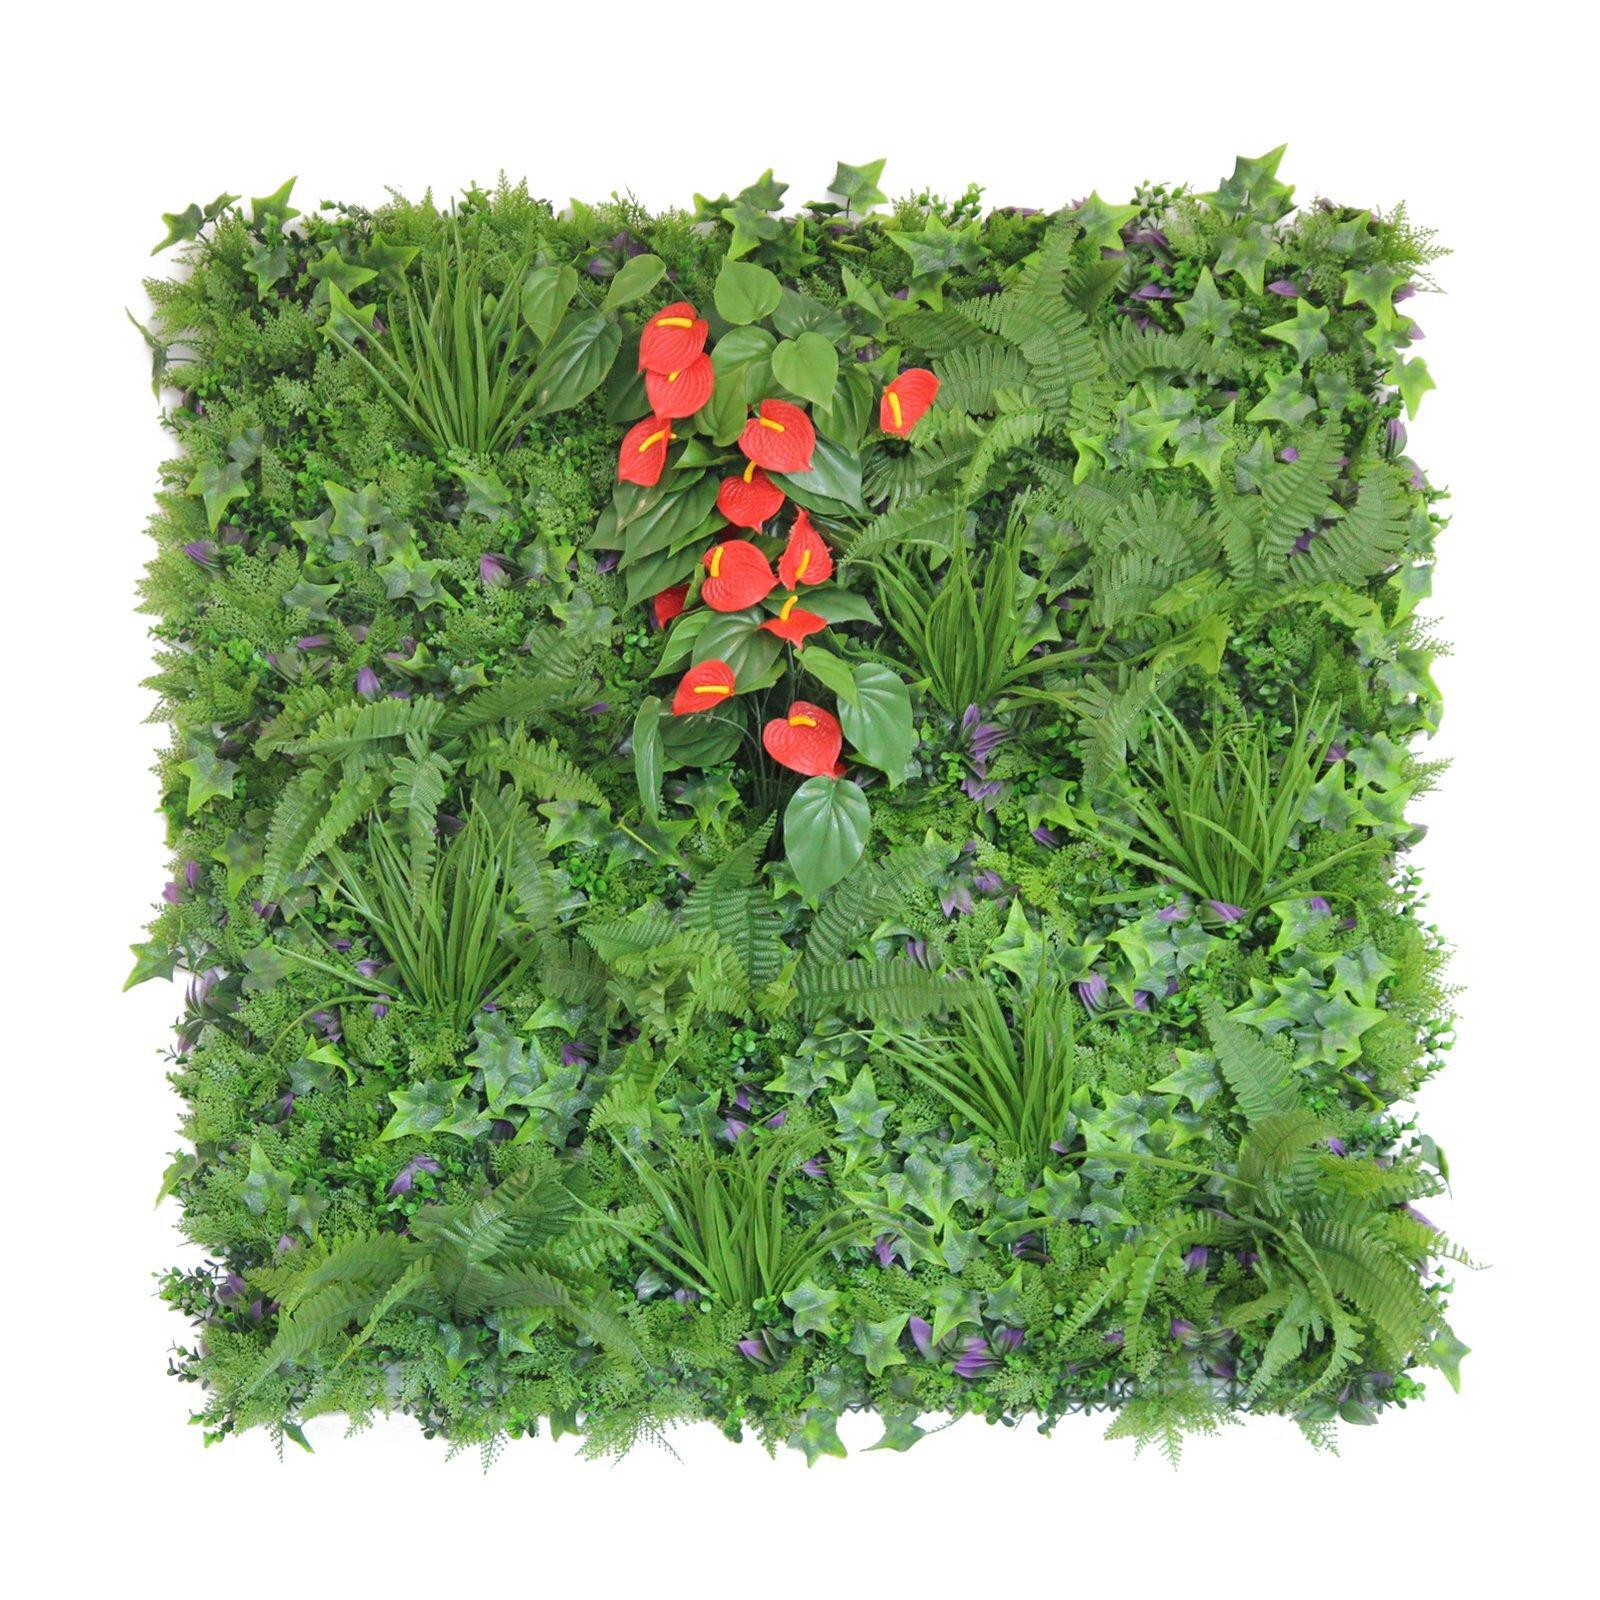 UN-REAL 100 x 100cm Luxury Artificial Hedge Tile - Anthurium